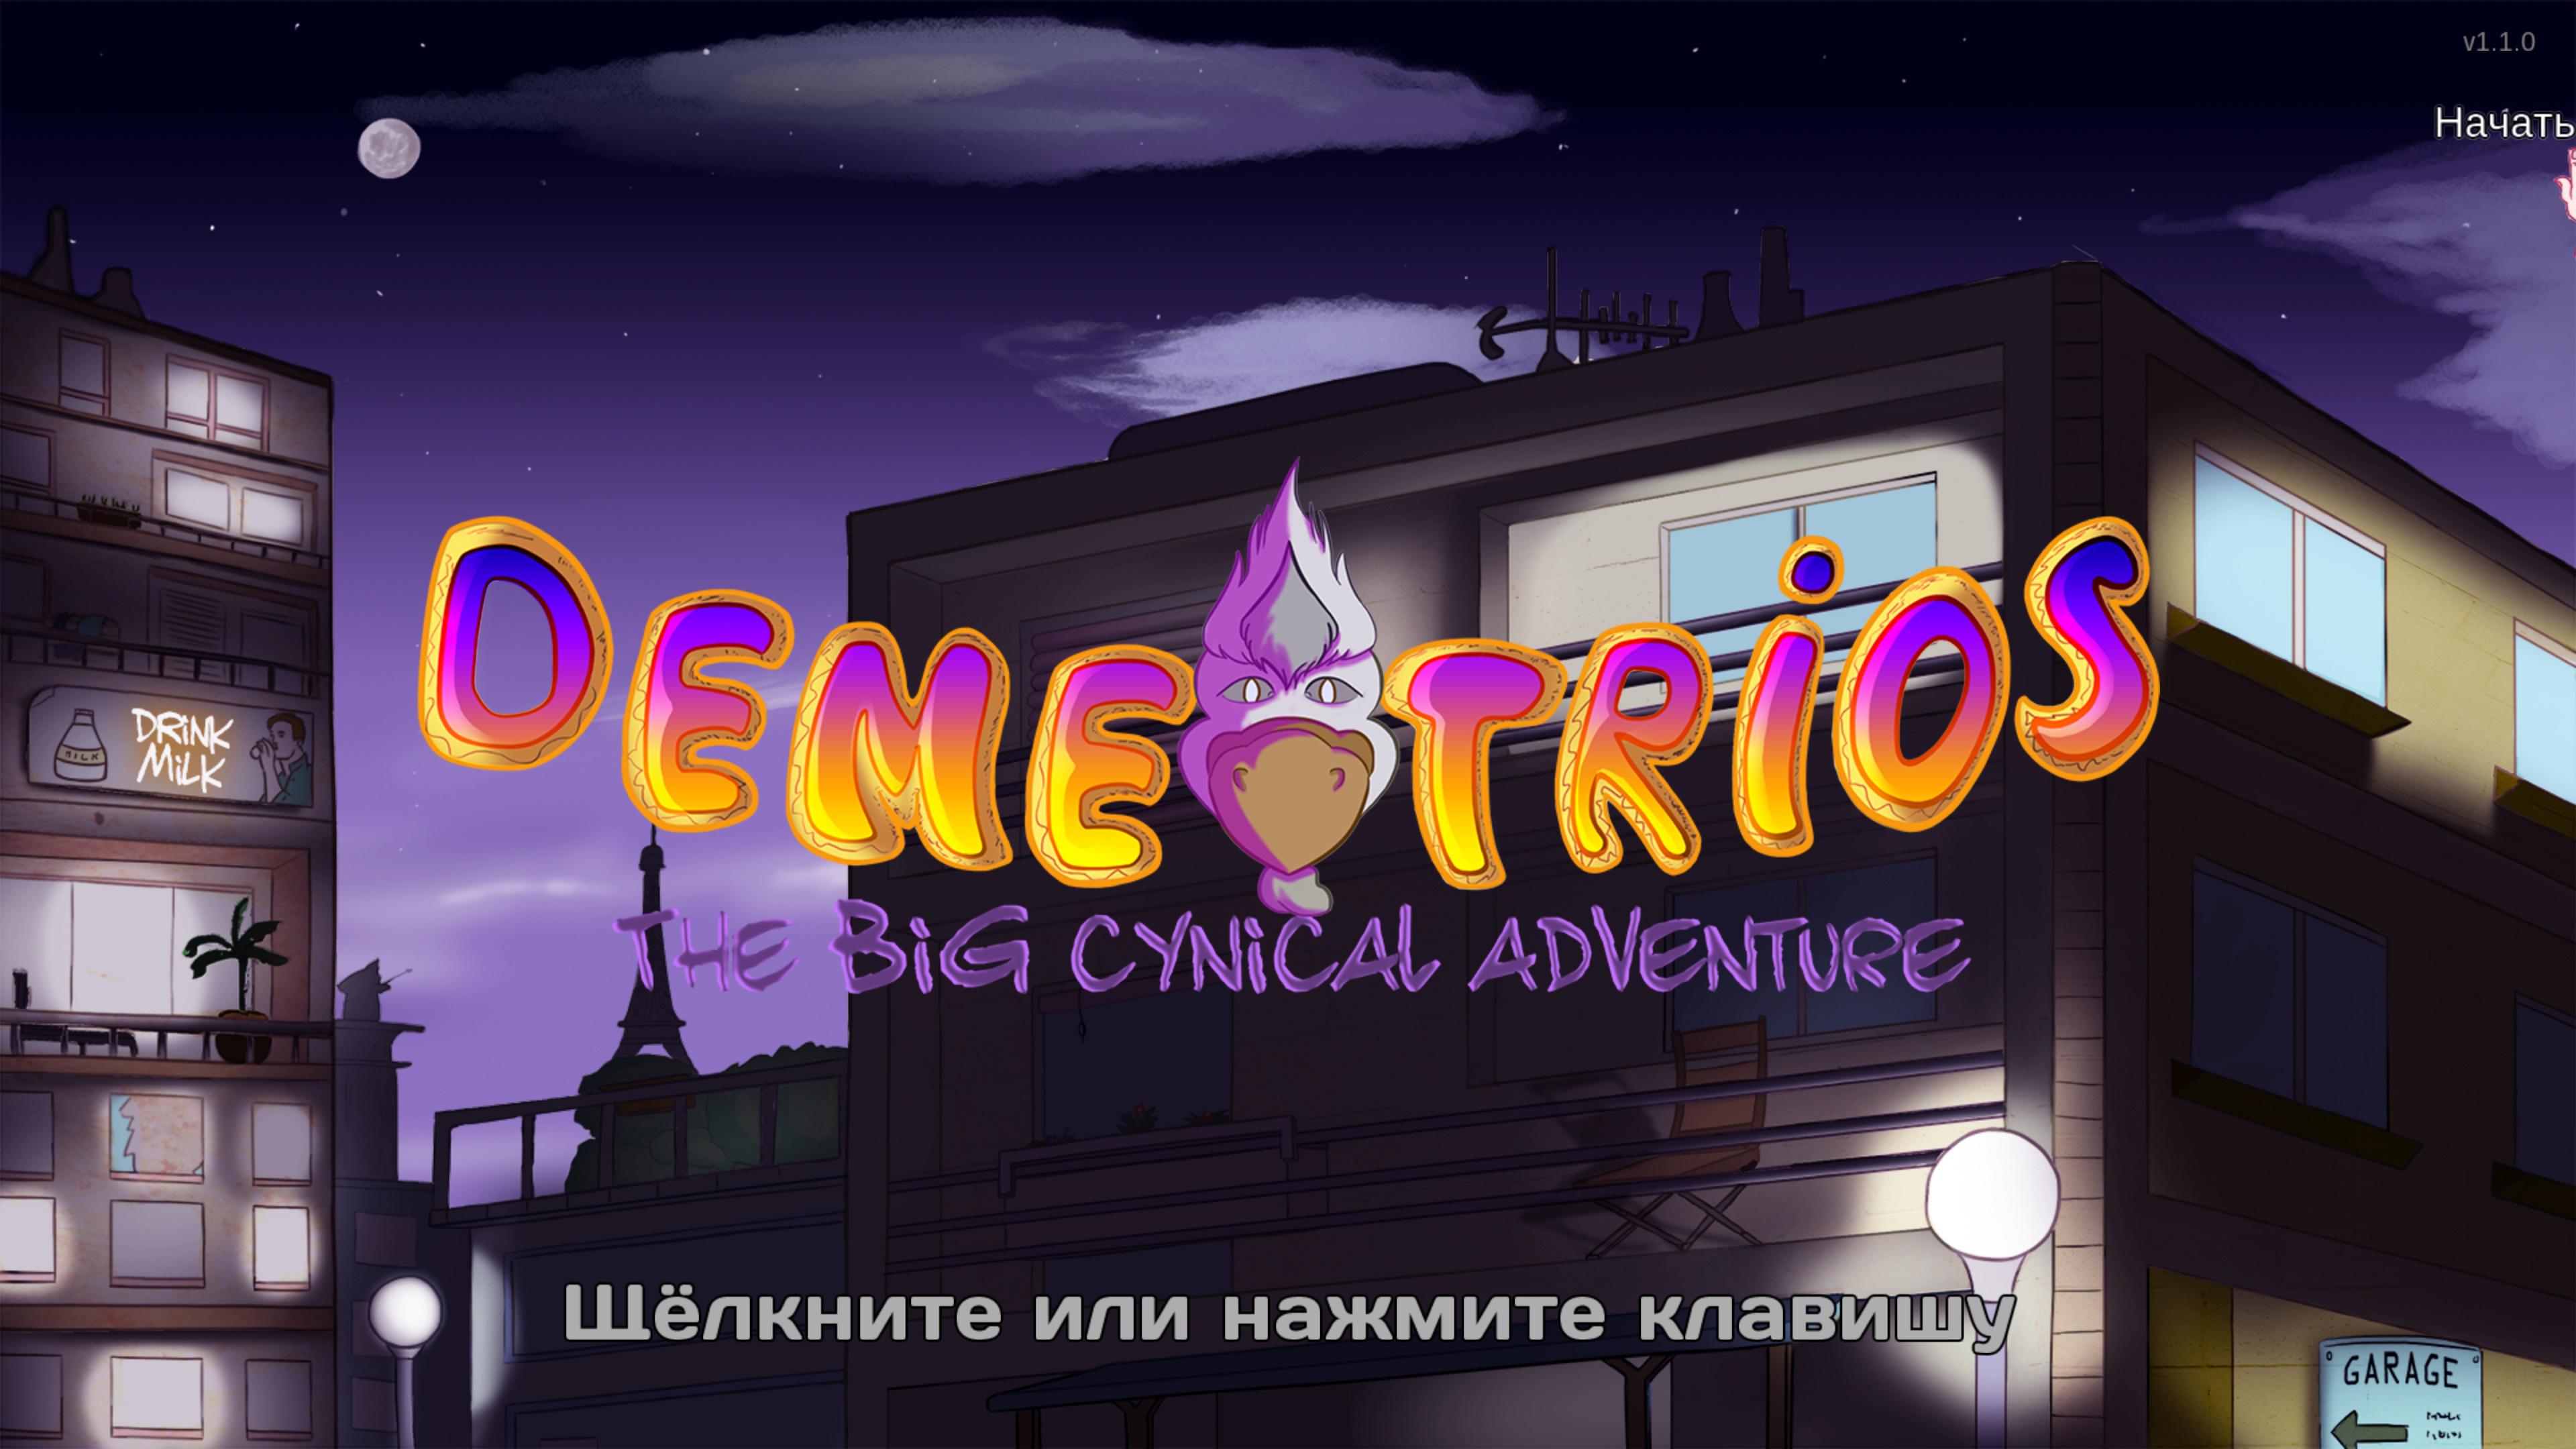 Обзор не найденной игры (ч.184) Demetrios - The BIG Cynical Adventure. - Изображение 1